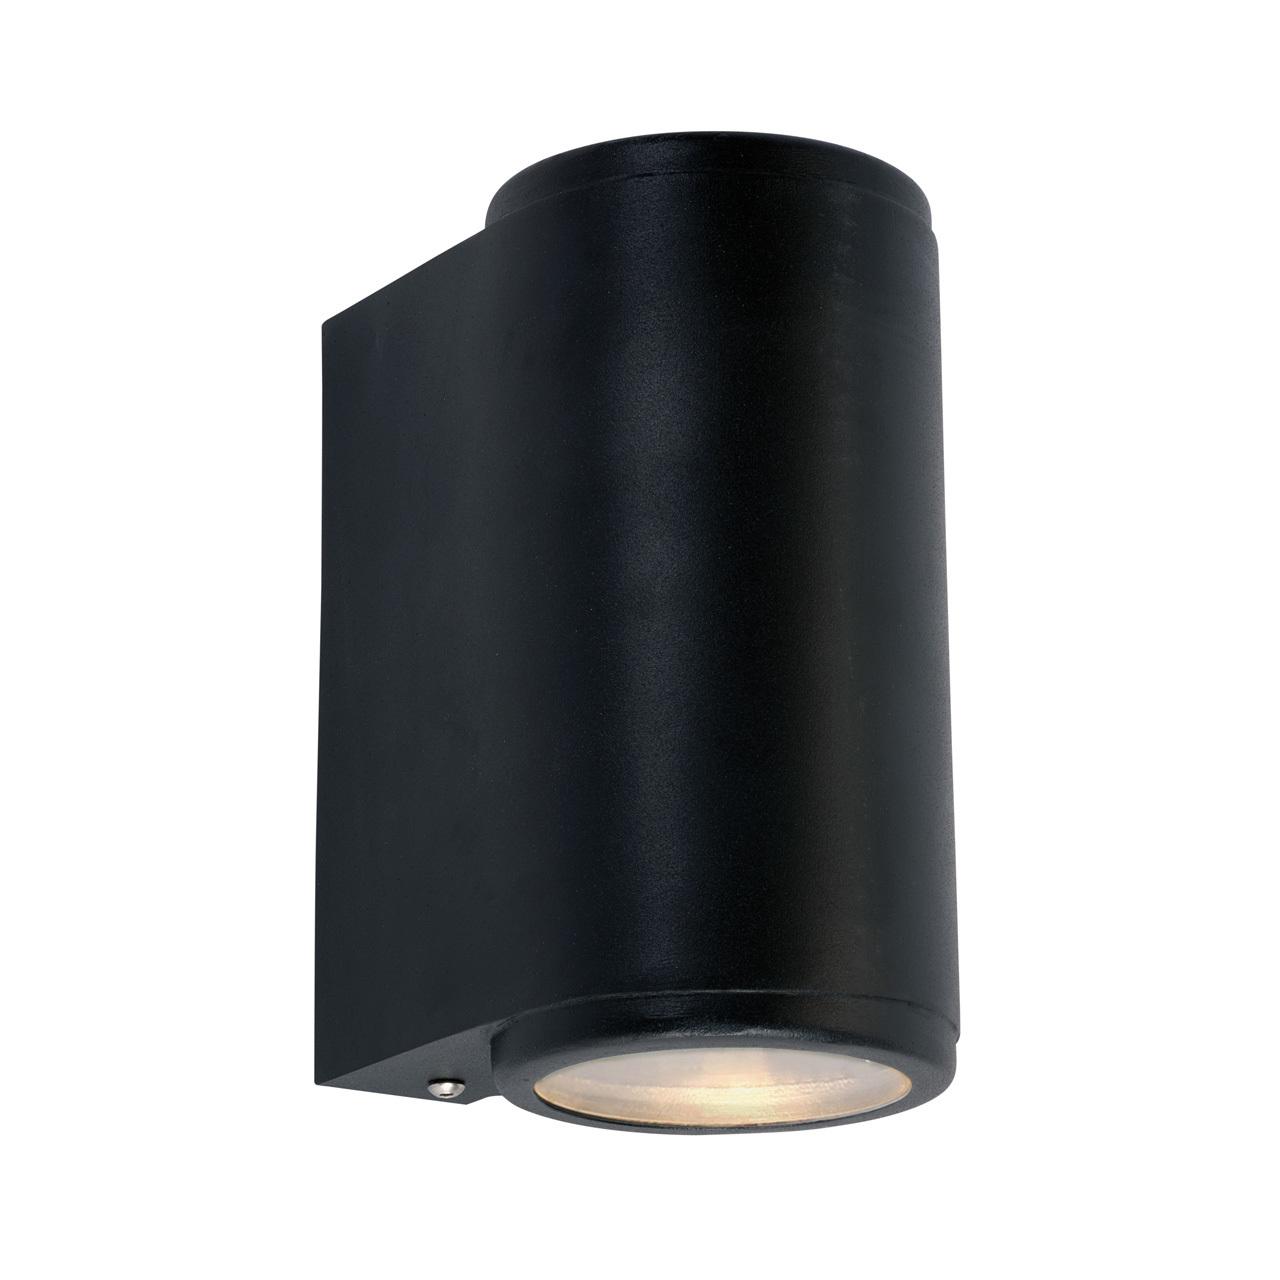 Lampa ścienna MANDAL 1371B -Norlys  SPRAWDŹ RABATY  5-10-15-20 % w koszyku